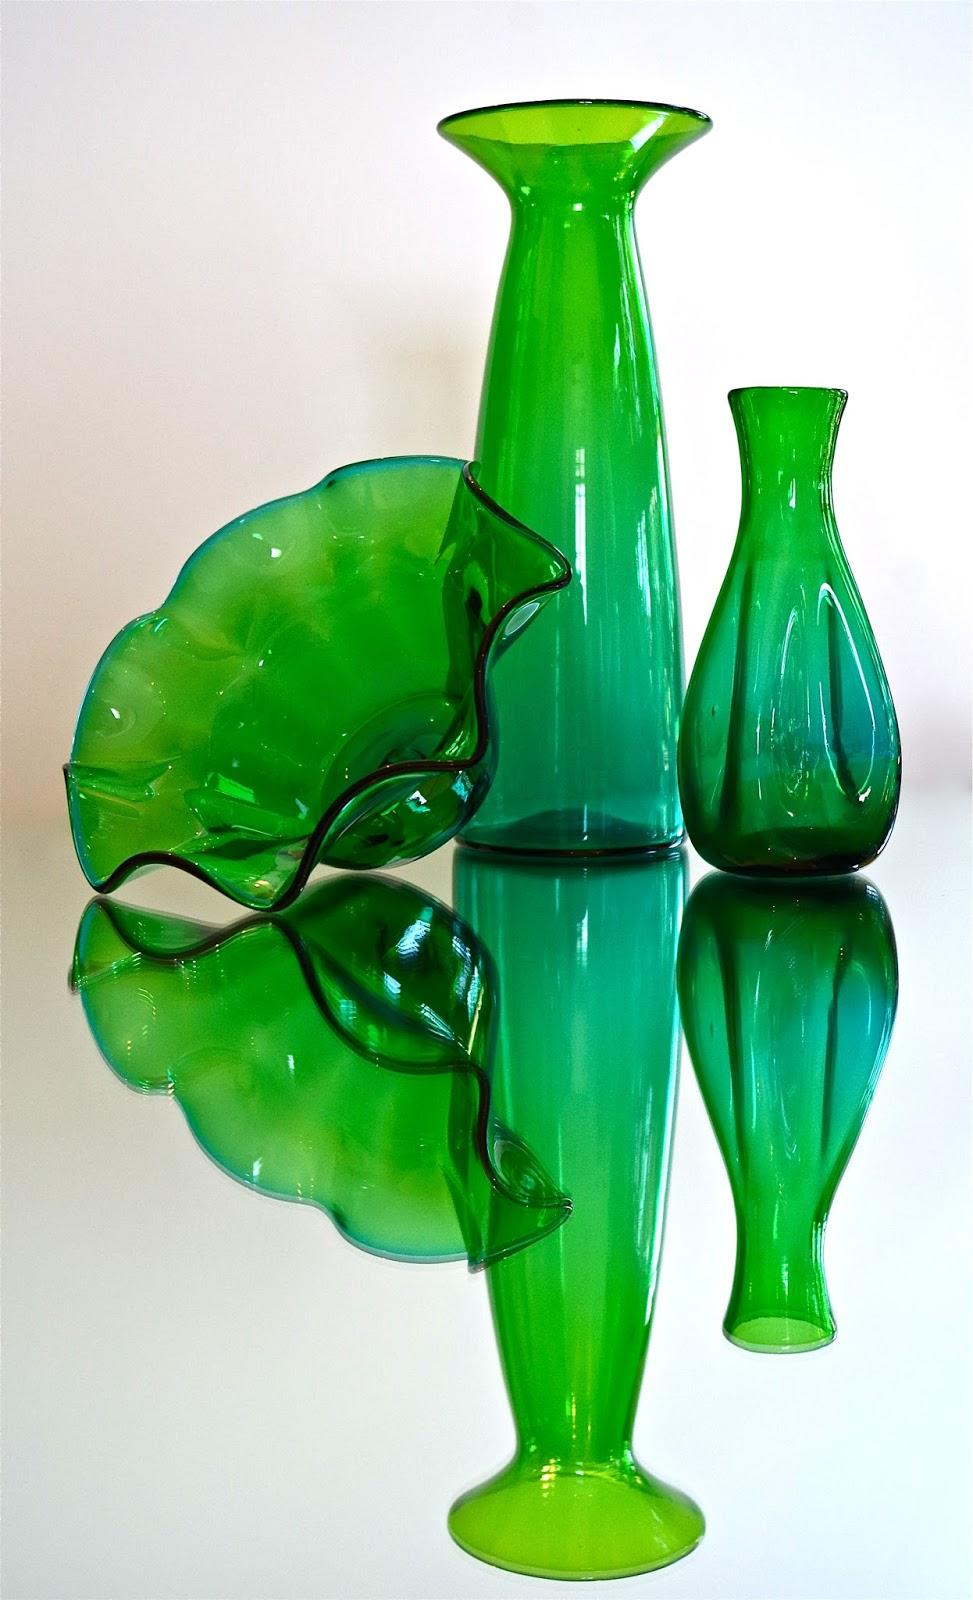 Heart of glass blenko glass blenko glass company faded jade blenko glass company faded jade vase and bowl reviewsmspy